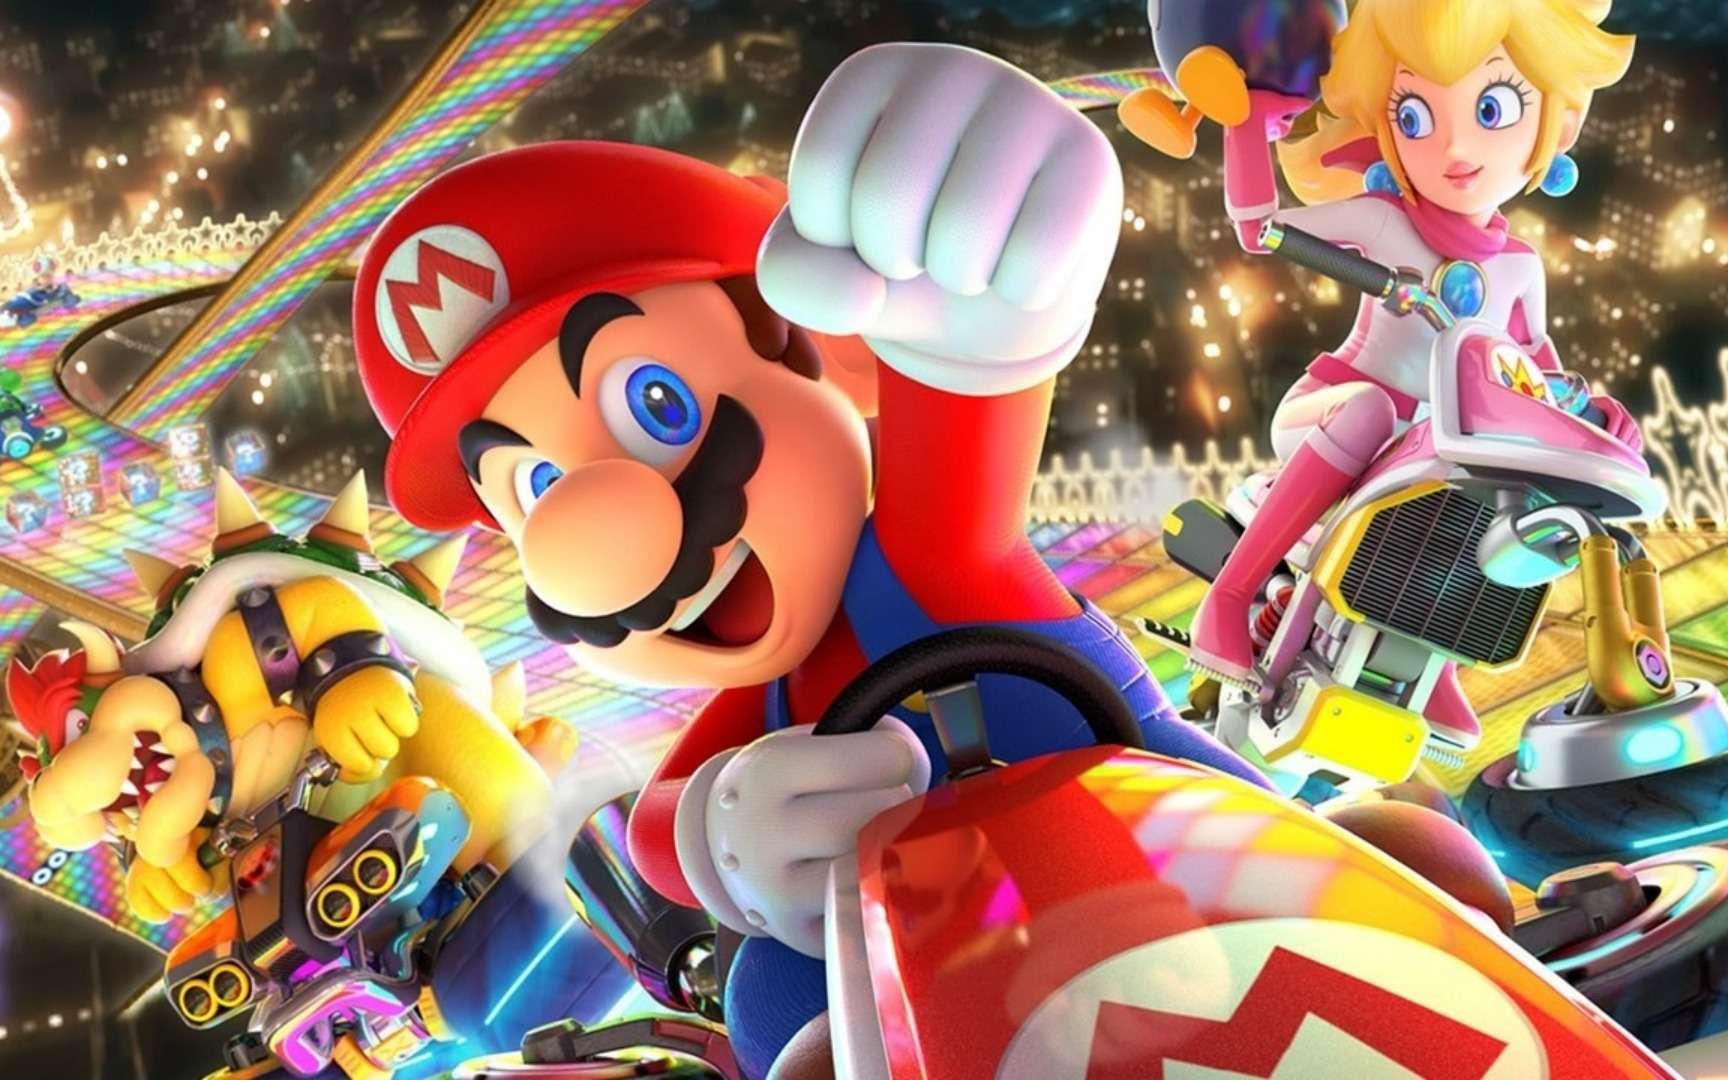 Roi des consoles de jeu, Super Mario a déjà été téléchargé 90 millions de fois depuis sa sortie il y a une semaine. © Nintendo